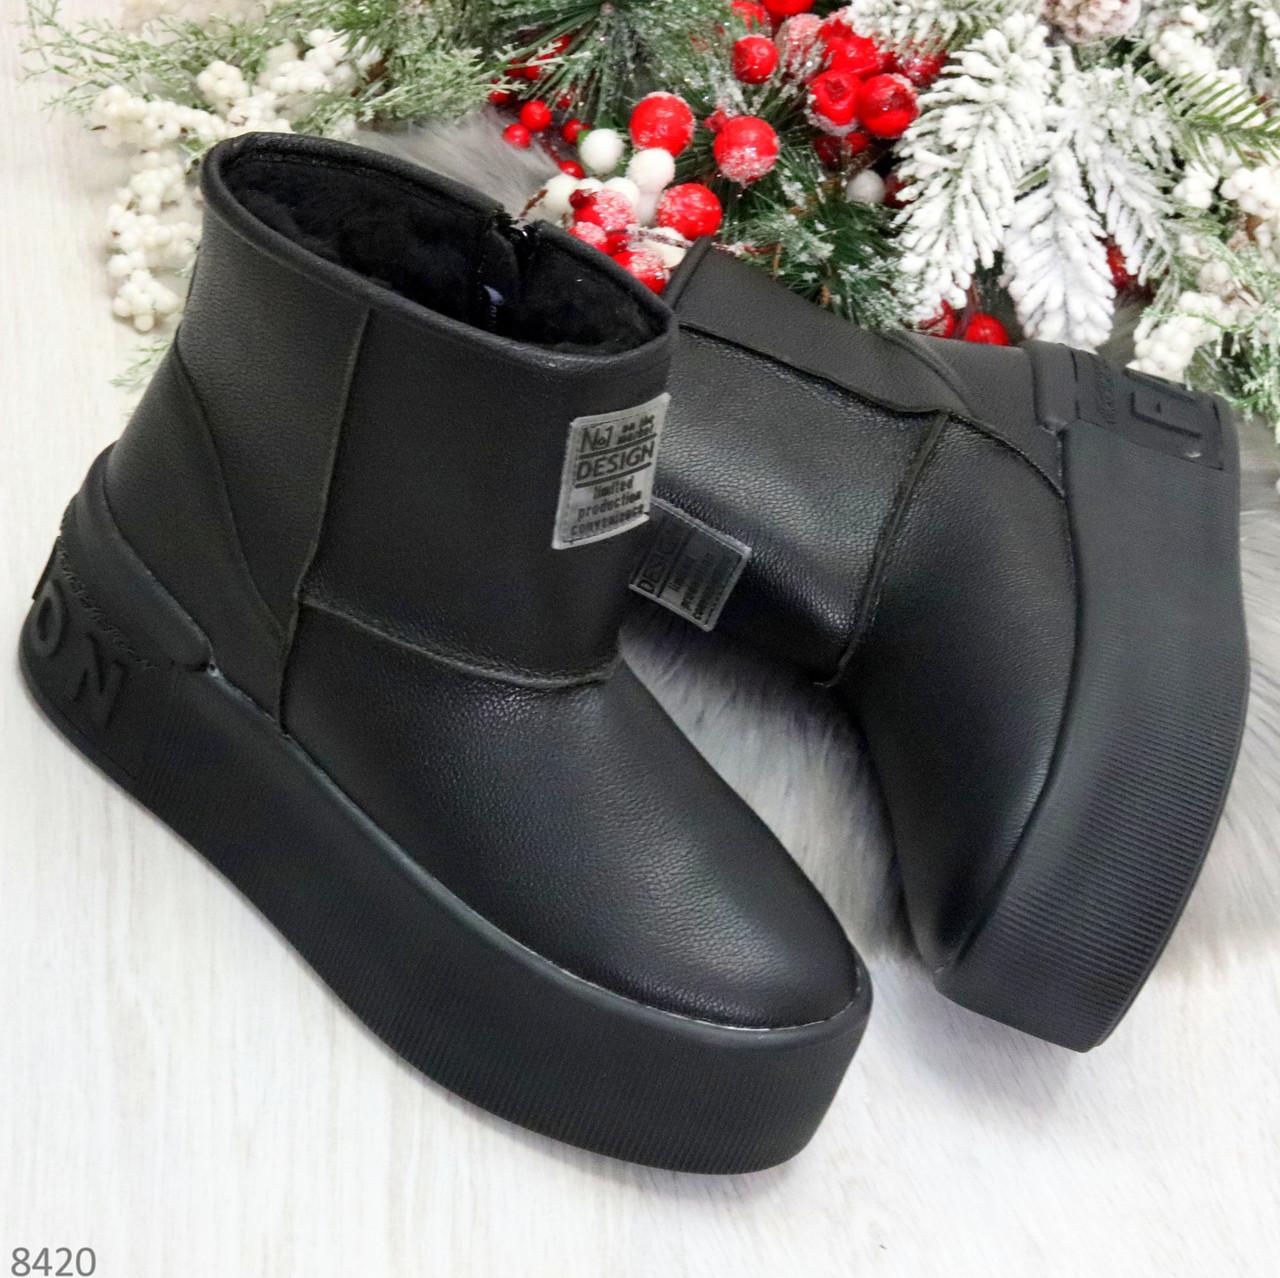 Ультра модные черные женские ботинки угги на молнии натуральная кожа 37-24 39-25см